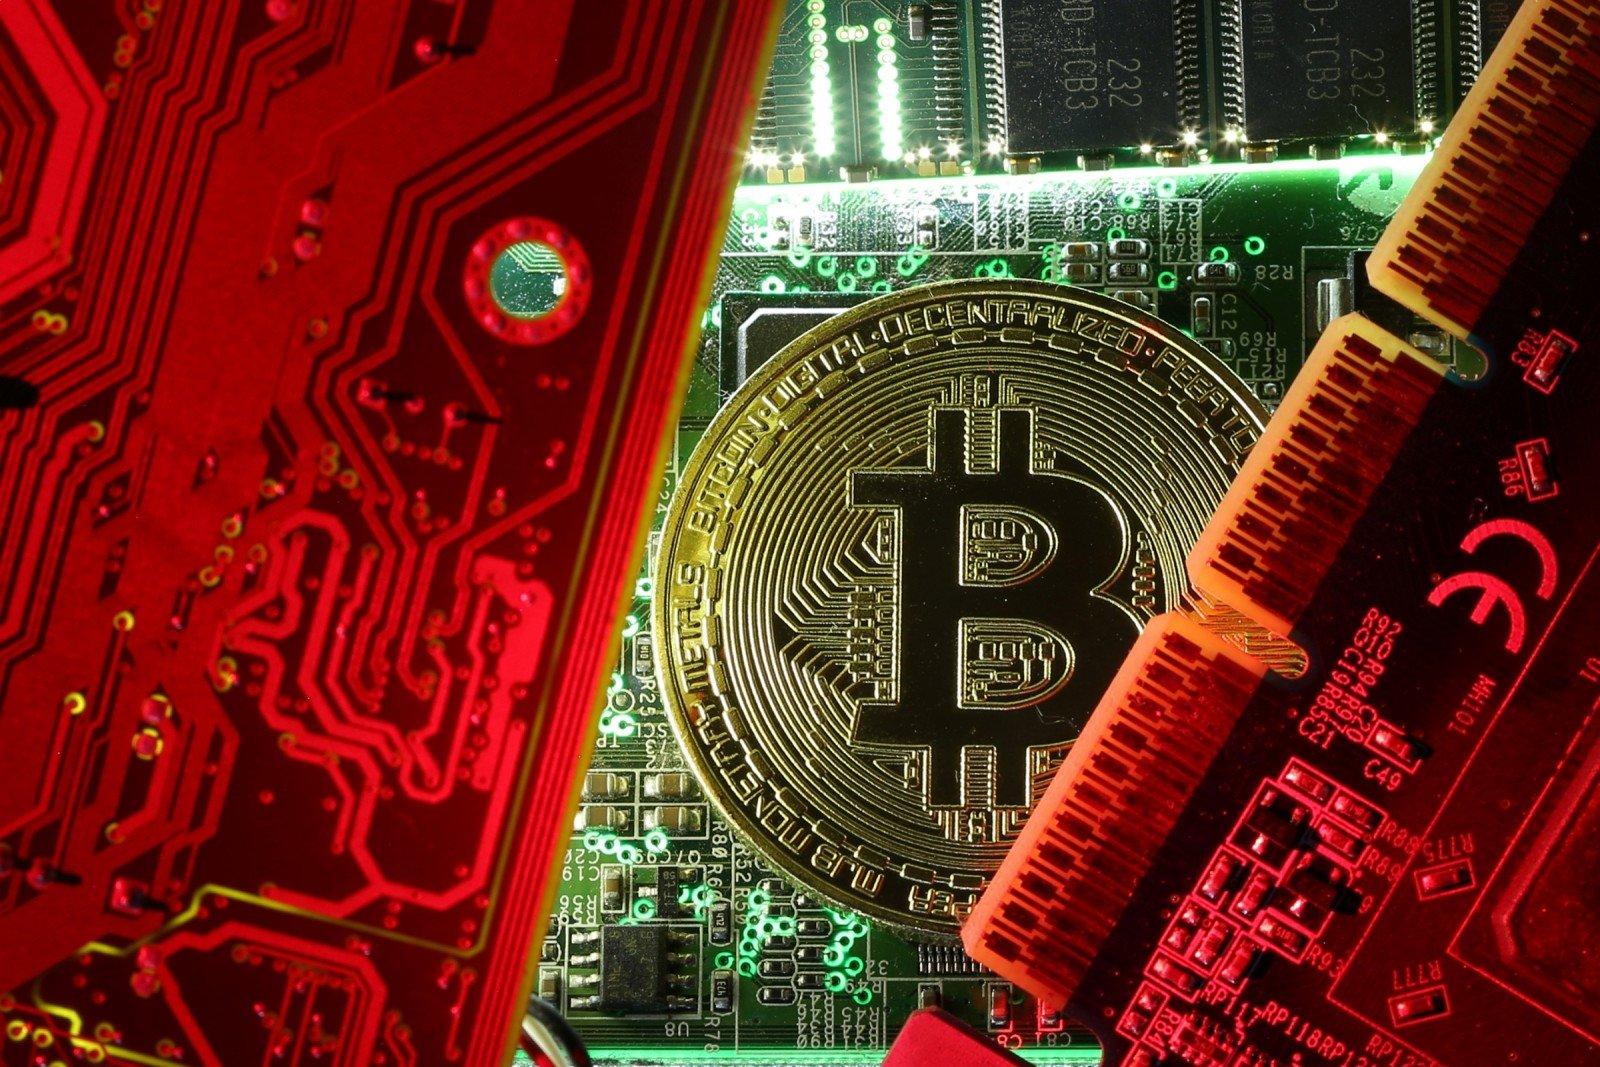 kaip užsidirbti pinigų kriptovaliutos keitykloje pradedantiesiems